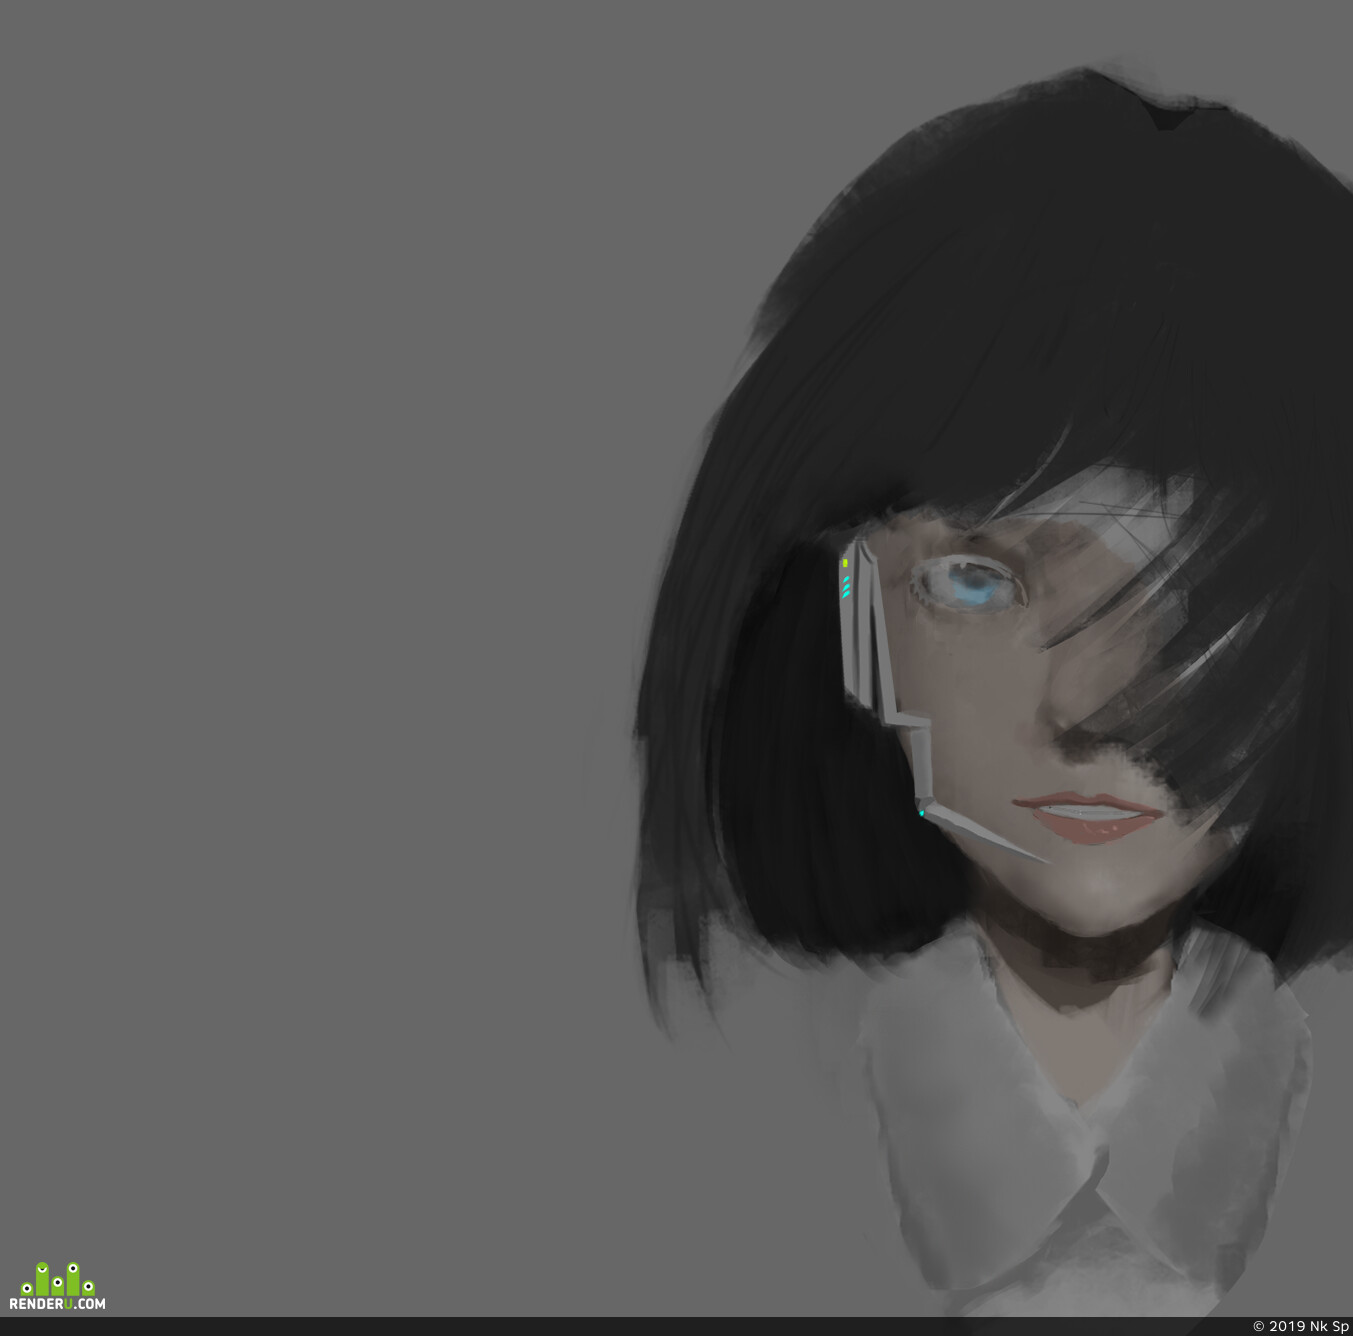 2D art, digitalart